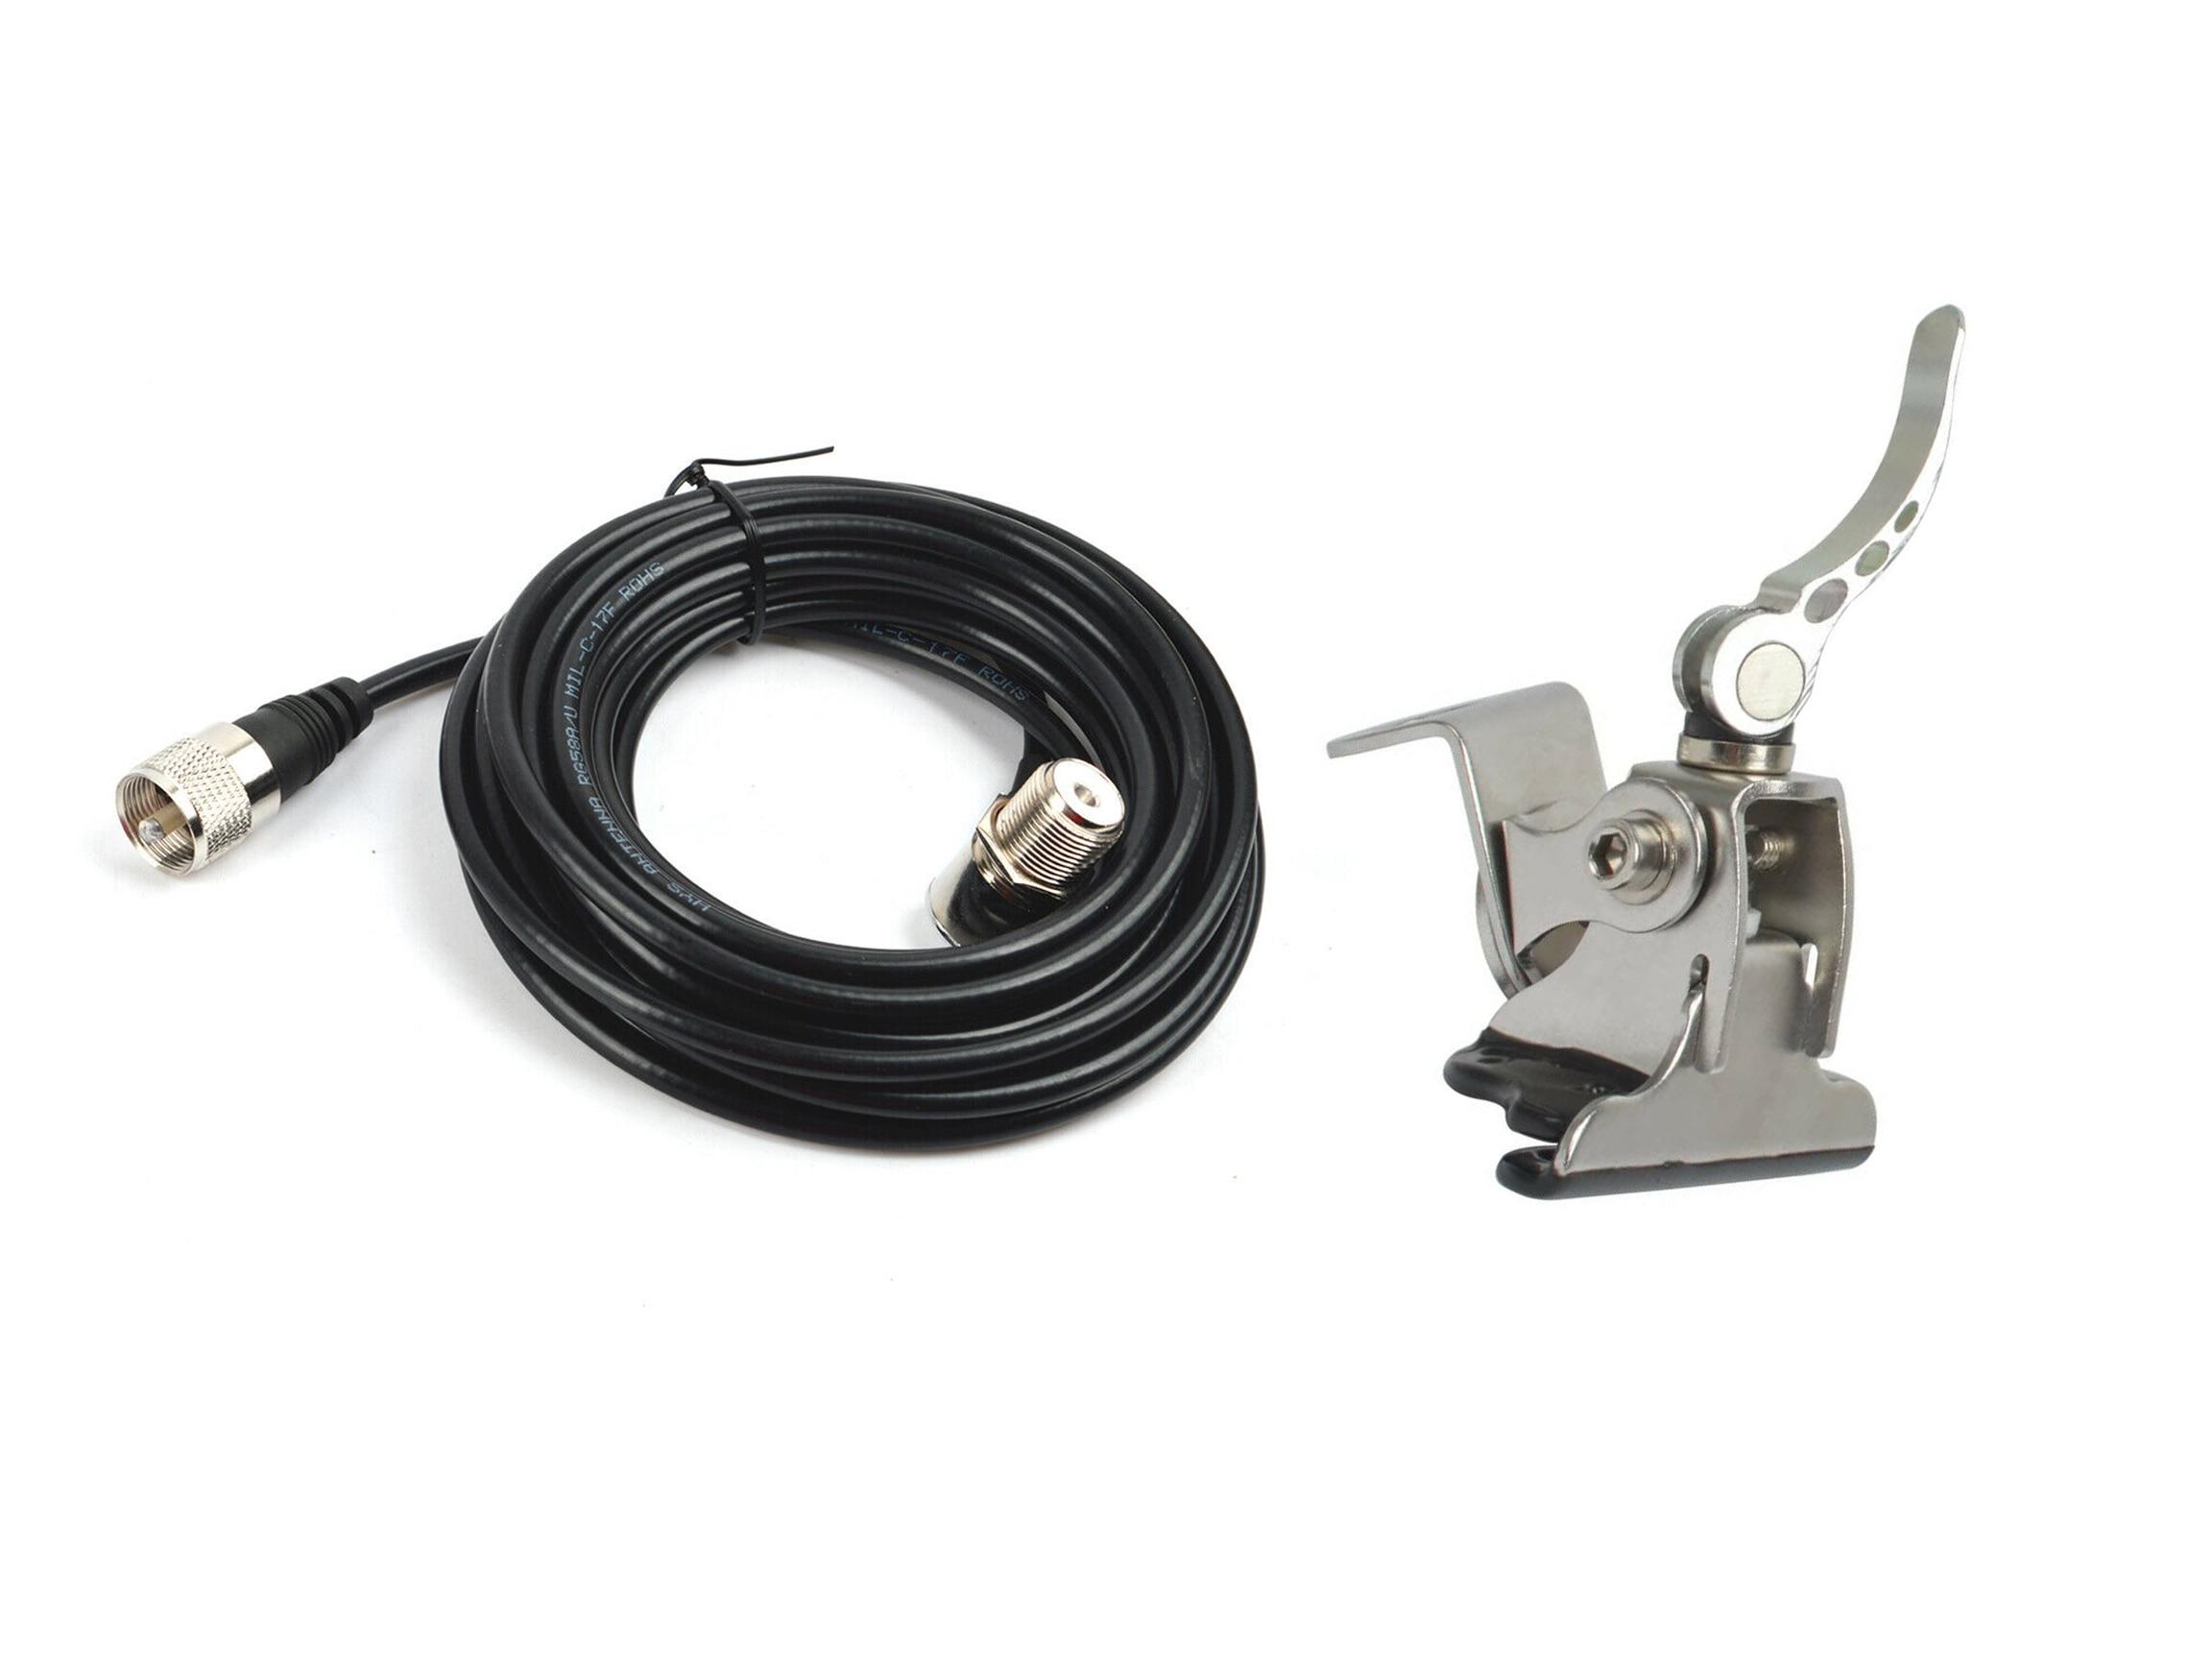 HYS Car Clip Mount tapa del maletero soporte de portón trasero ángulo + SO239 a PL-259 conector 5M RG-58 Cable Coaxial para la Radio móvil del coche